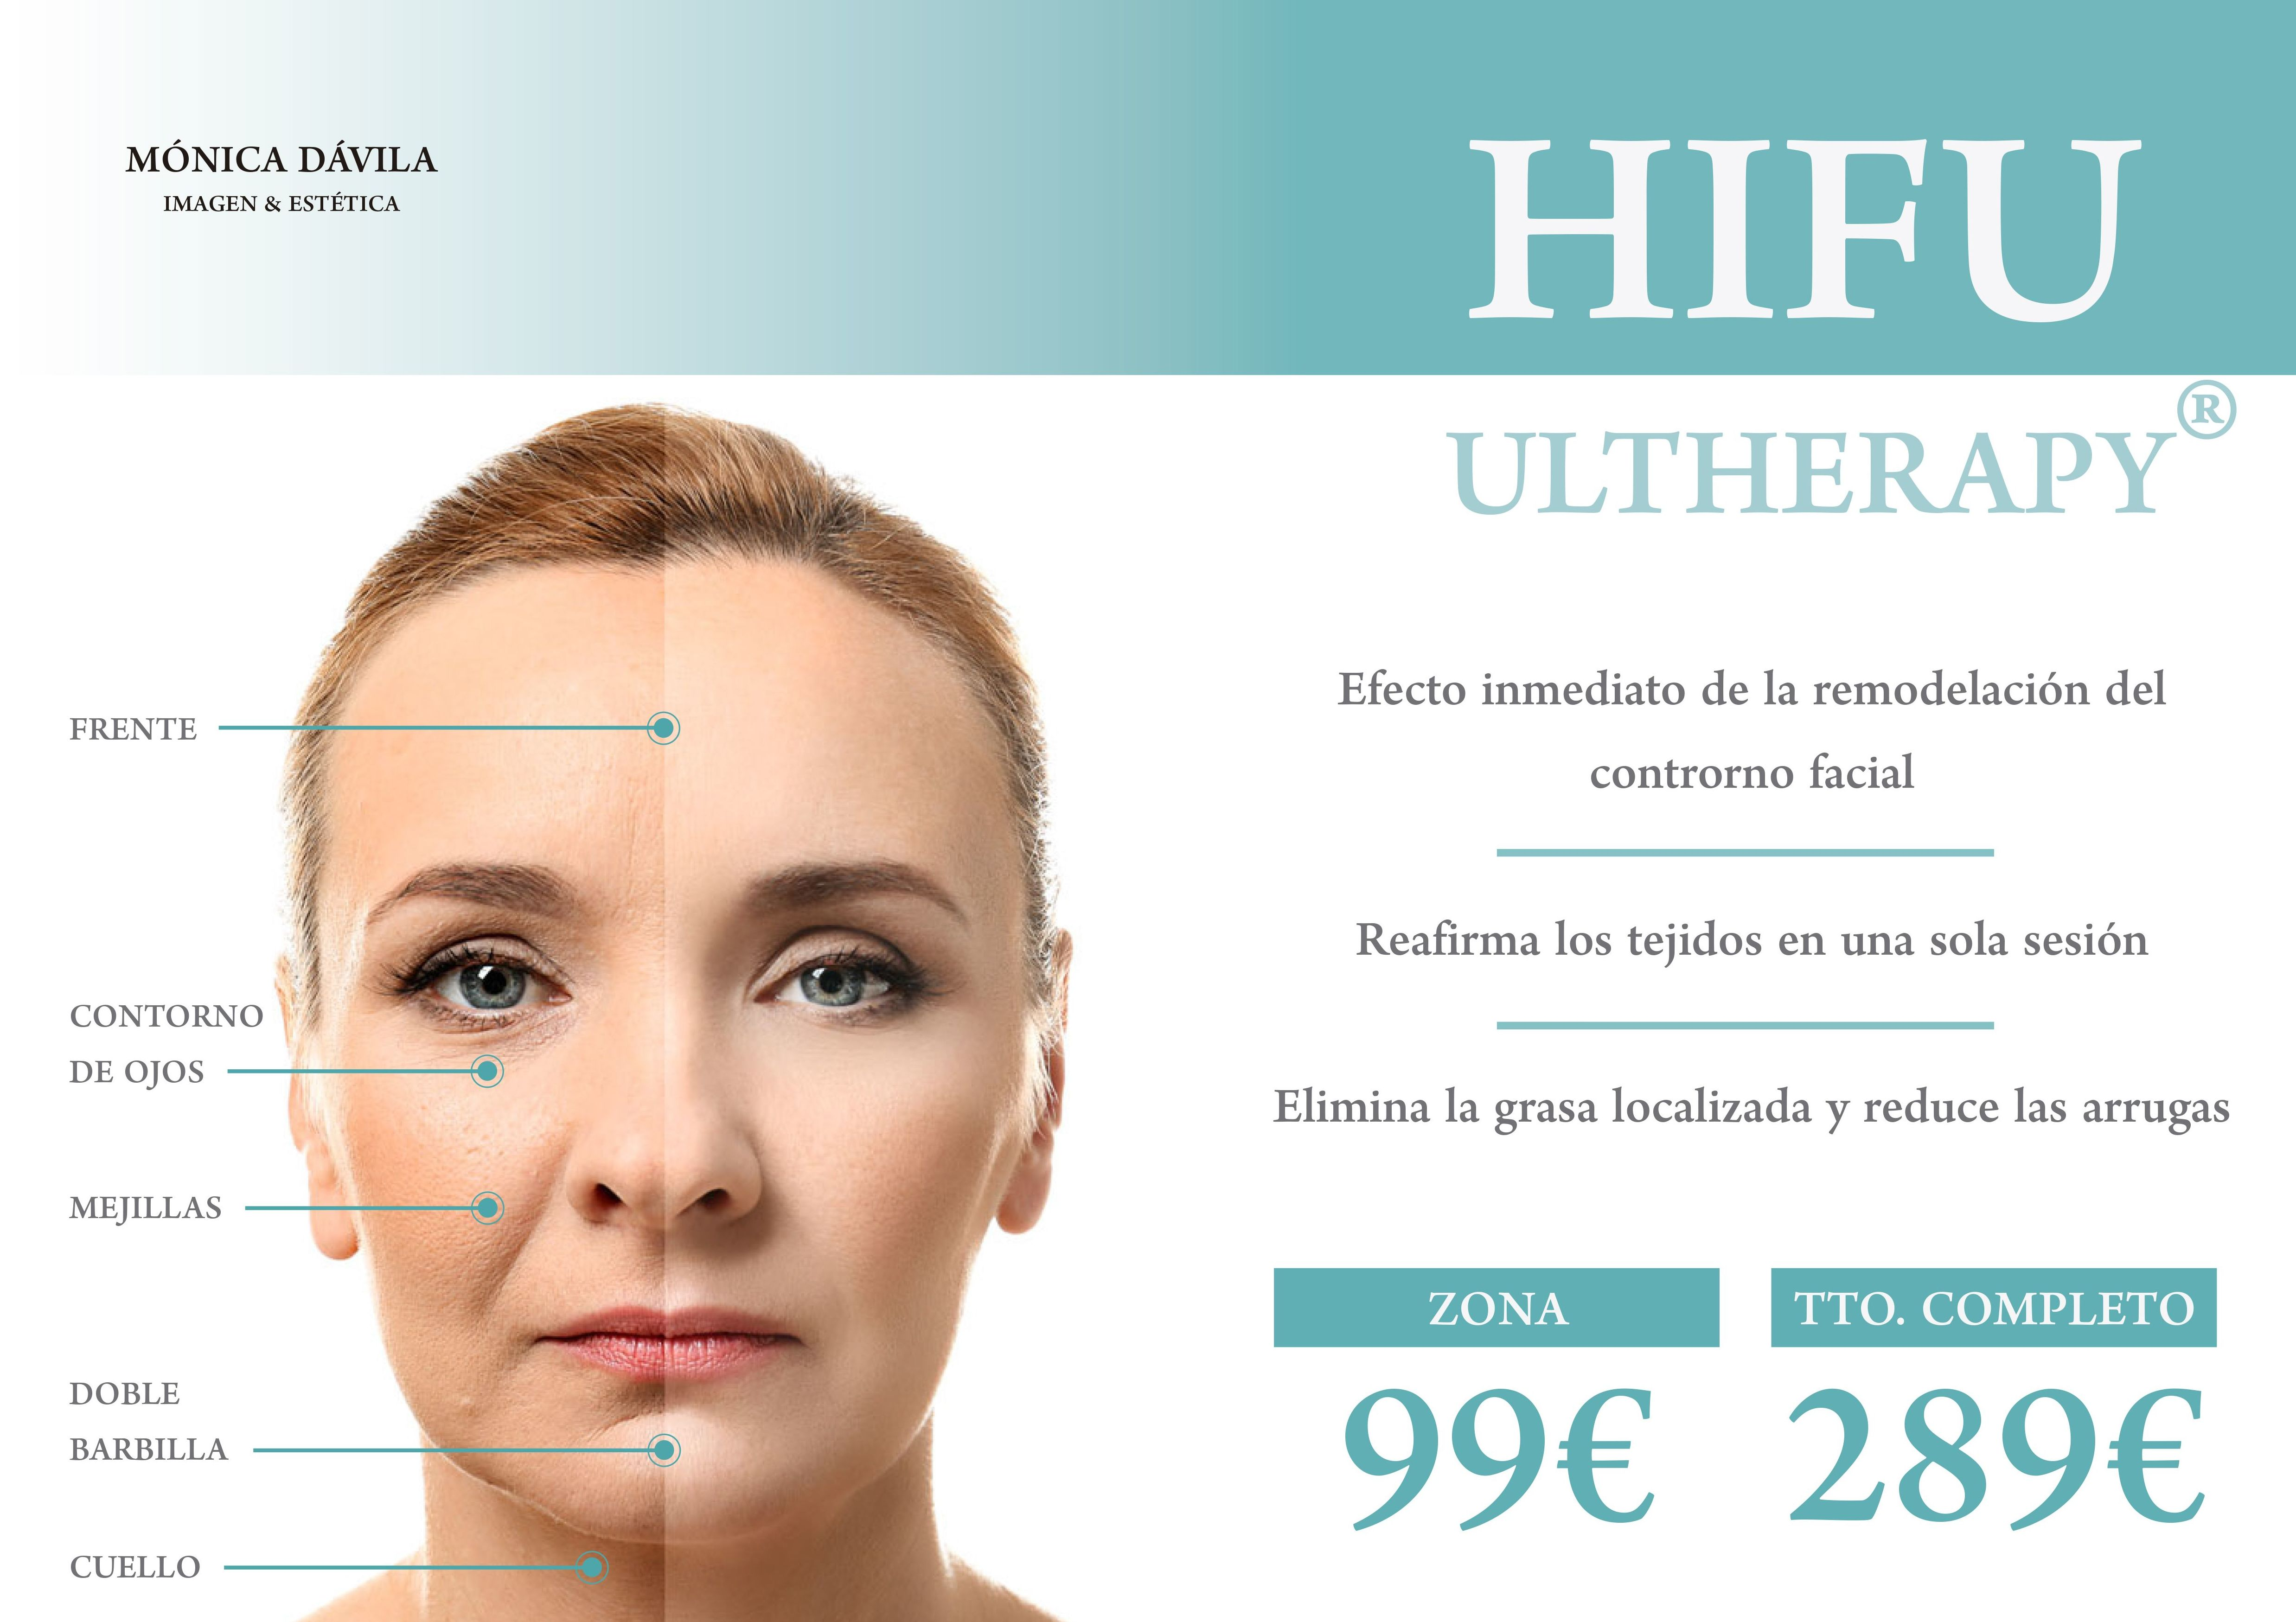 Hifu Ultherapy